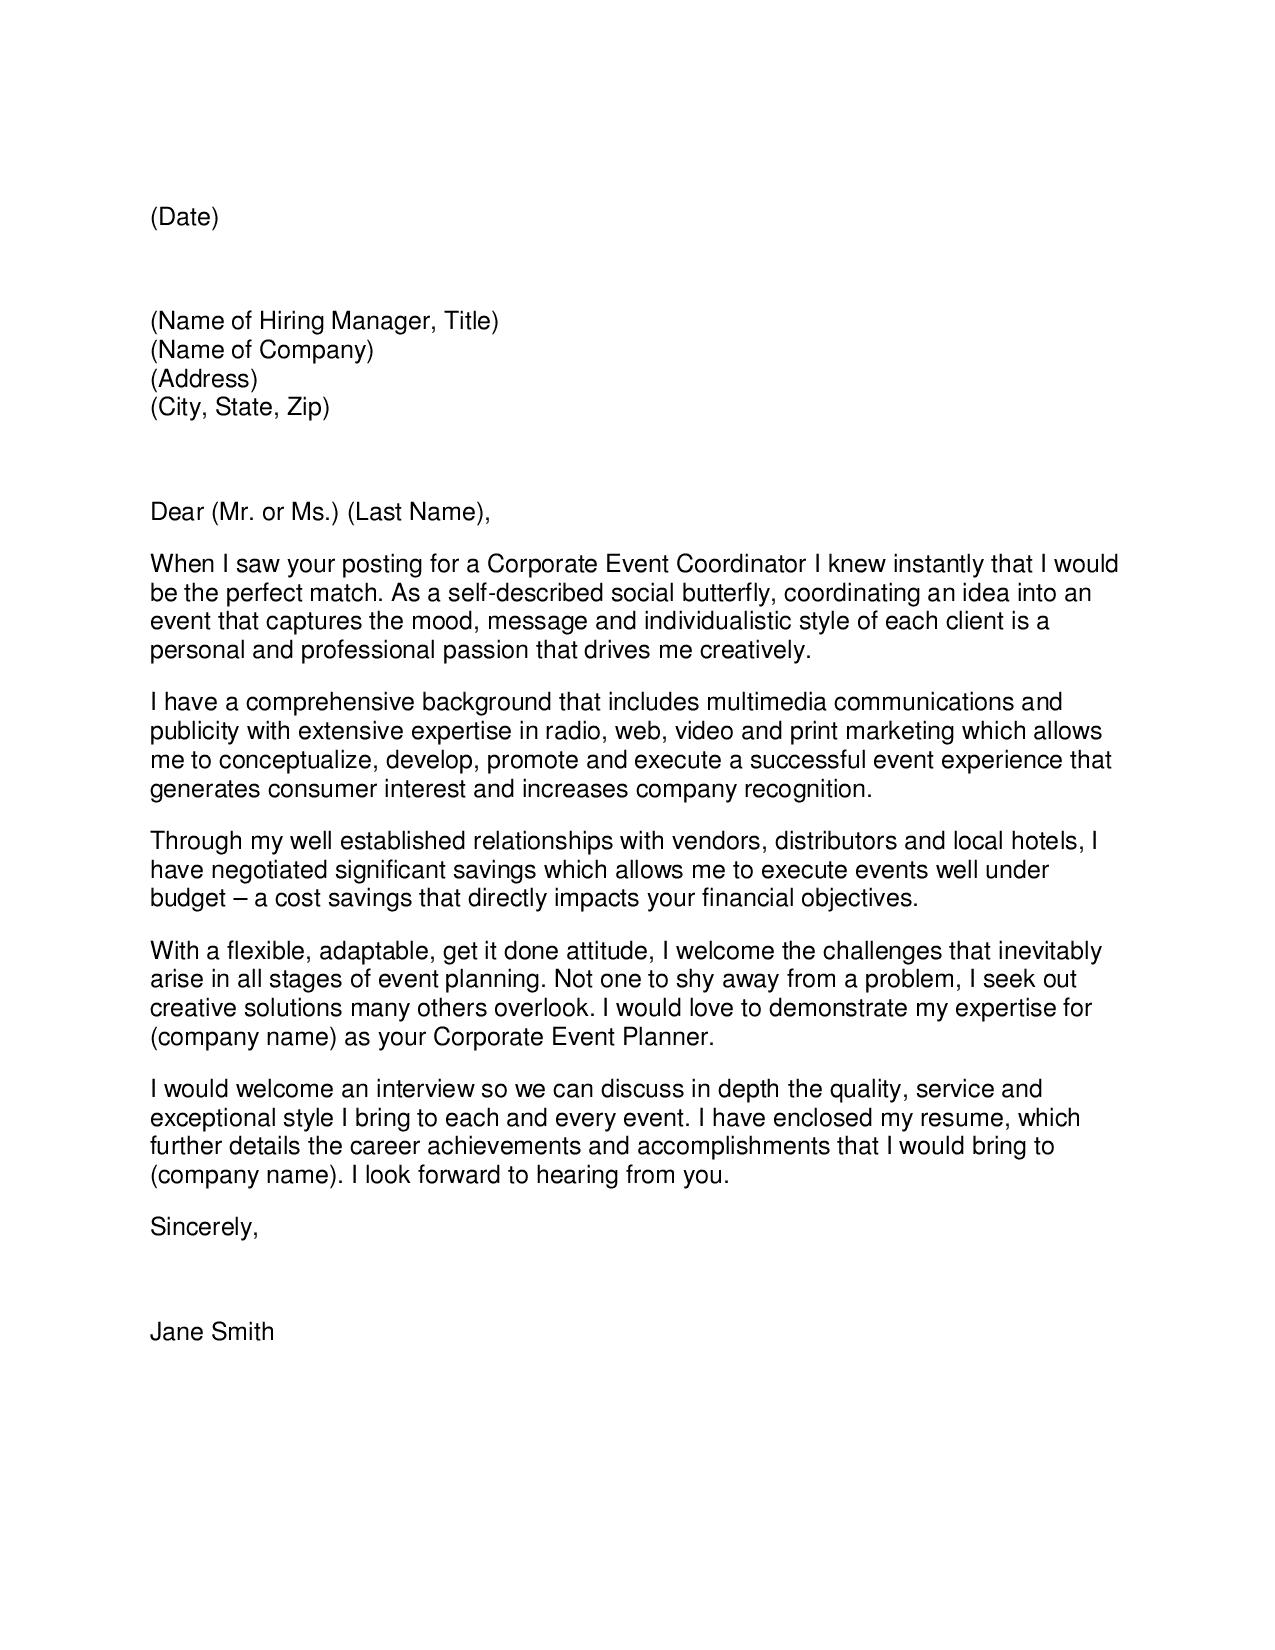 business resume cover letter hashdoc wallpaper letters february cover letter for volunteer manager cover letter for - Spa Manager Cover Letter